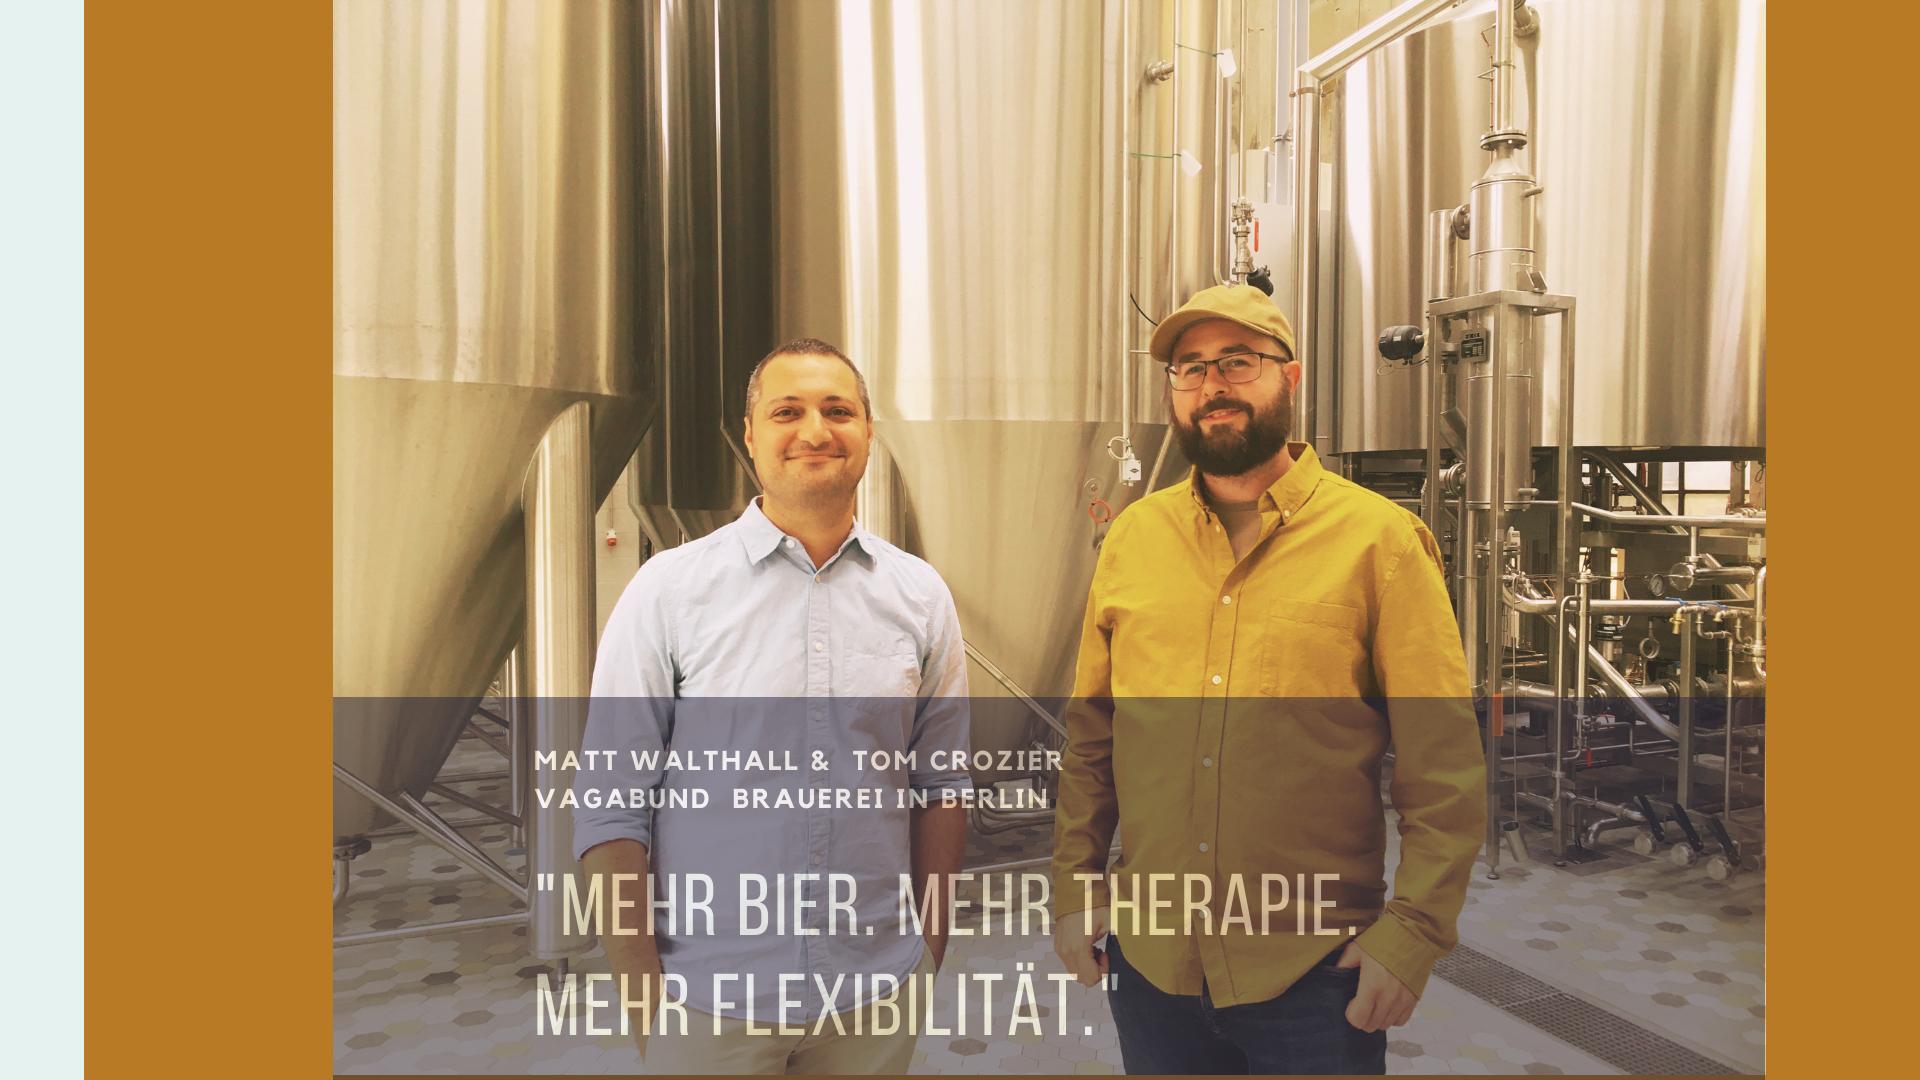 Vagabund Brauerei Berlin Matt und Tom